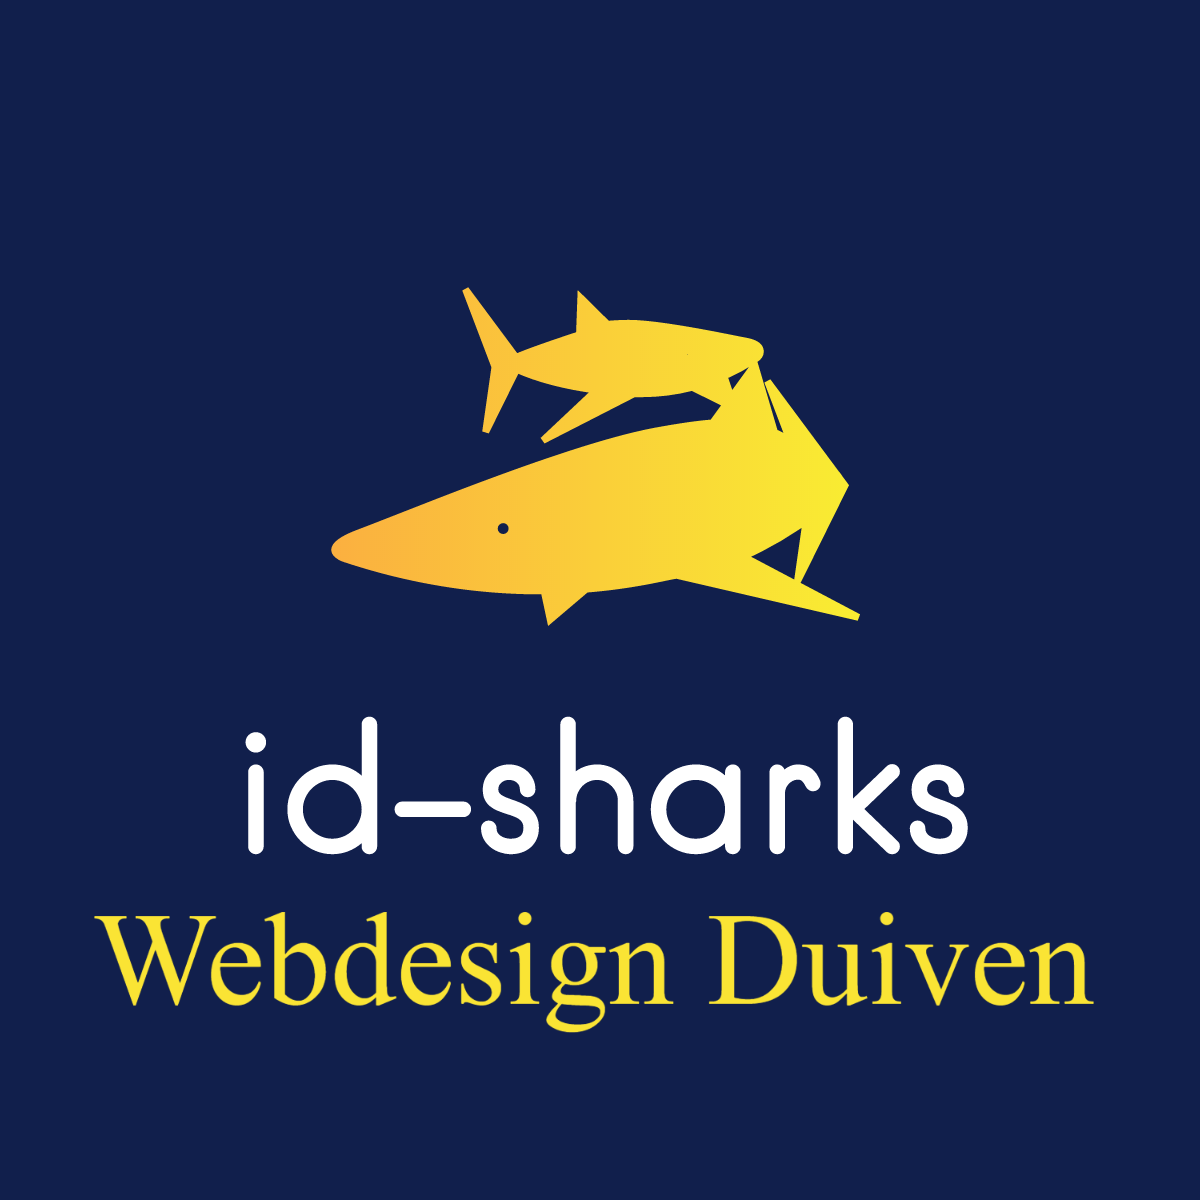 Webdesign Duiven